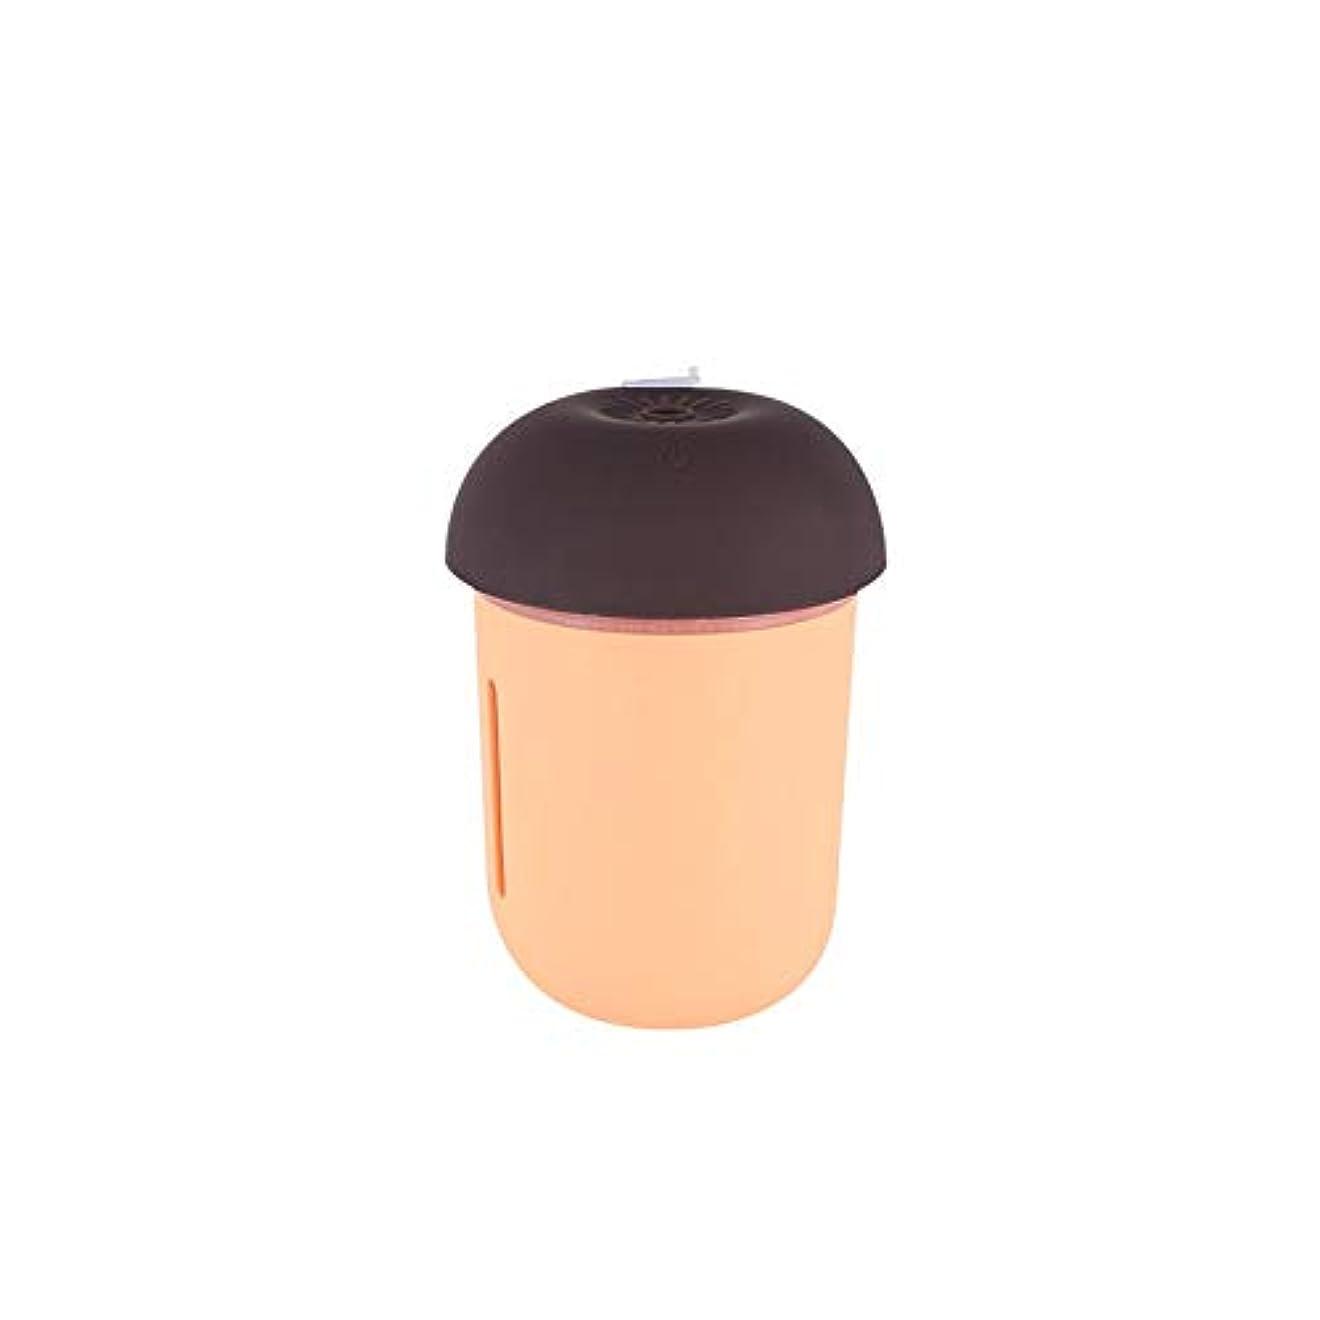 避難ポゴスティックジャンプ冷淡なZXF 新しいクリエイティブusb充電車の空気清浄機多機能水道メーターファンナイトライトスリーインワンきのこ加湿器オレンジピンク 滑らかである (色 : Orange)